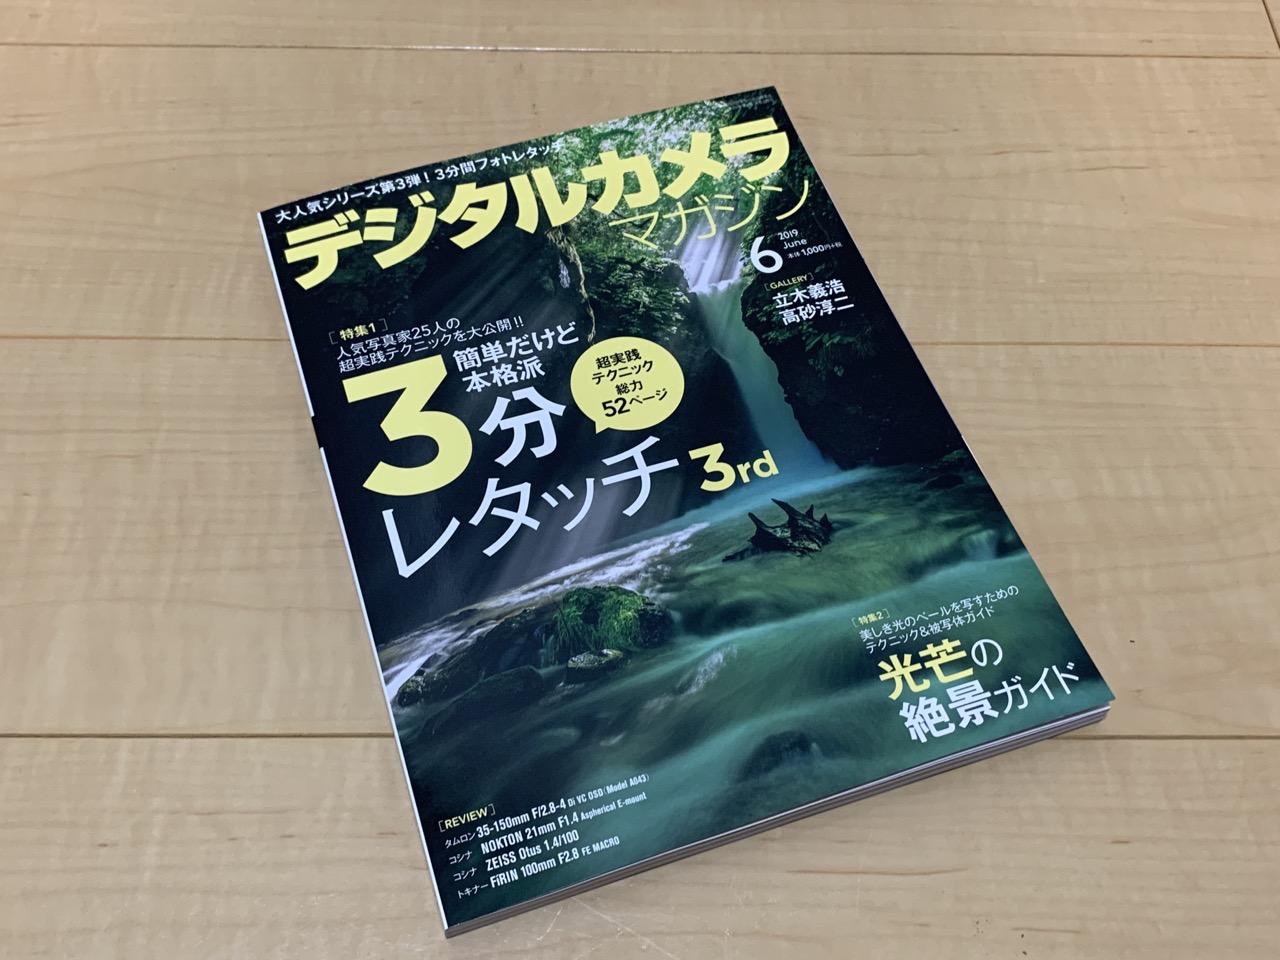 デジタルカメラマガジン20196年6月号